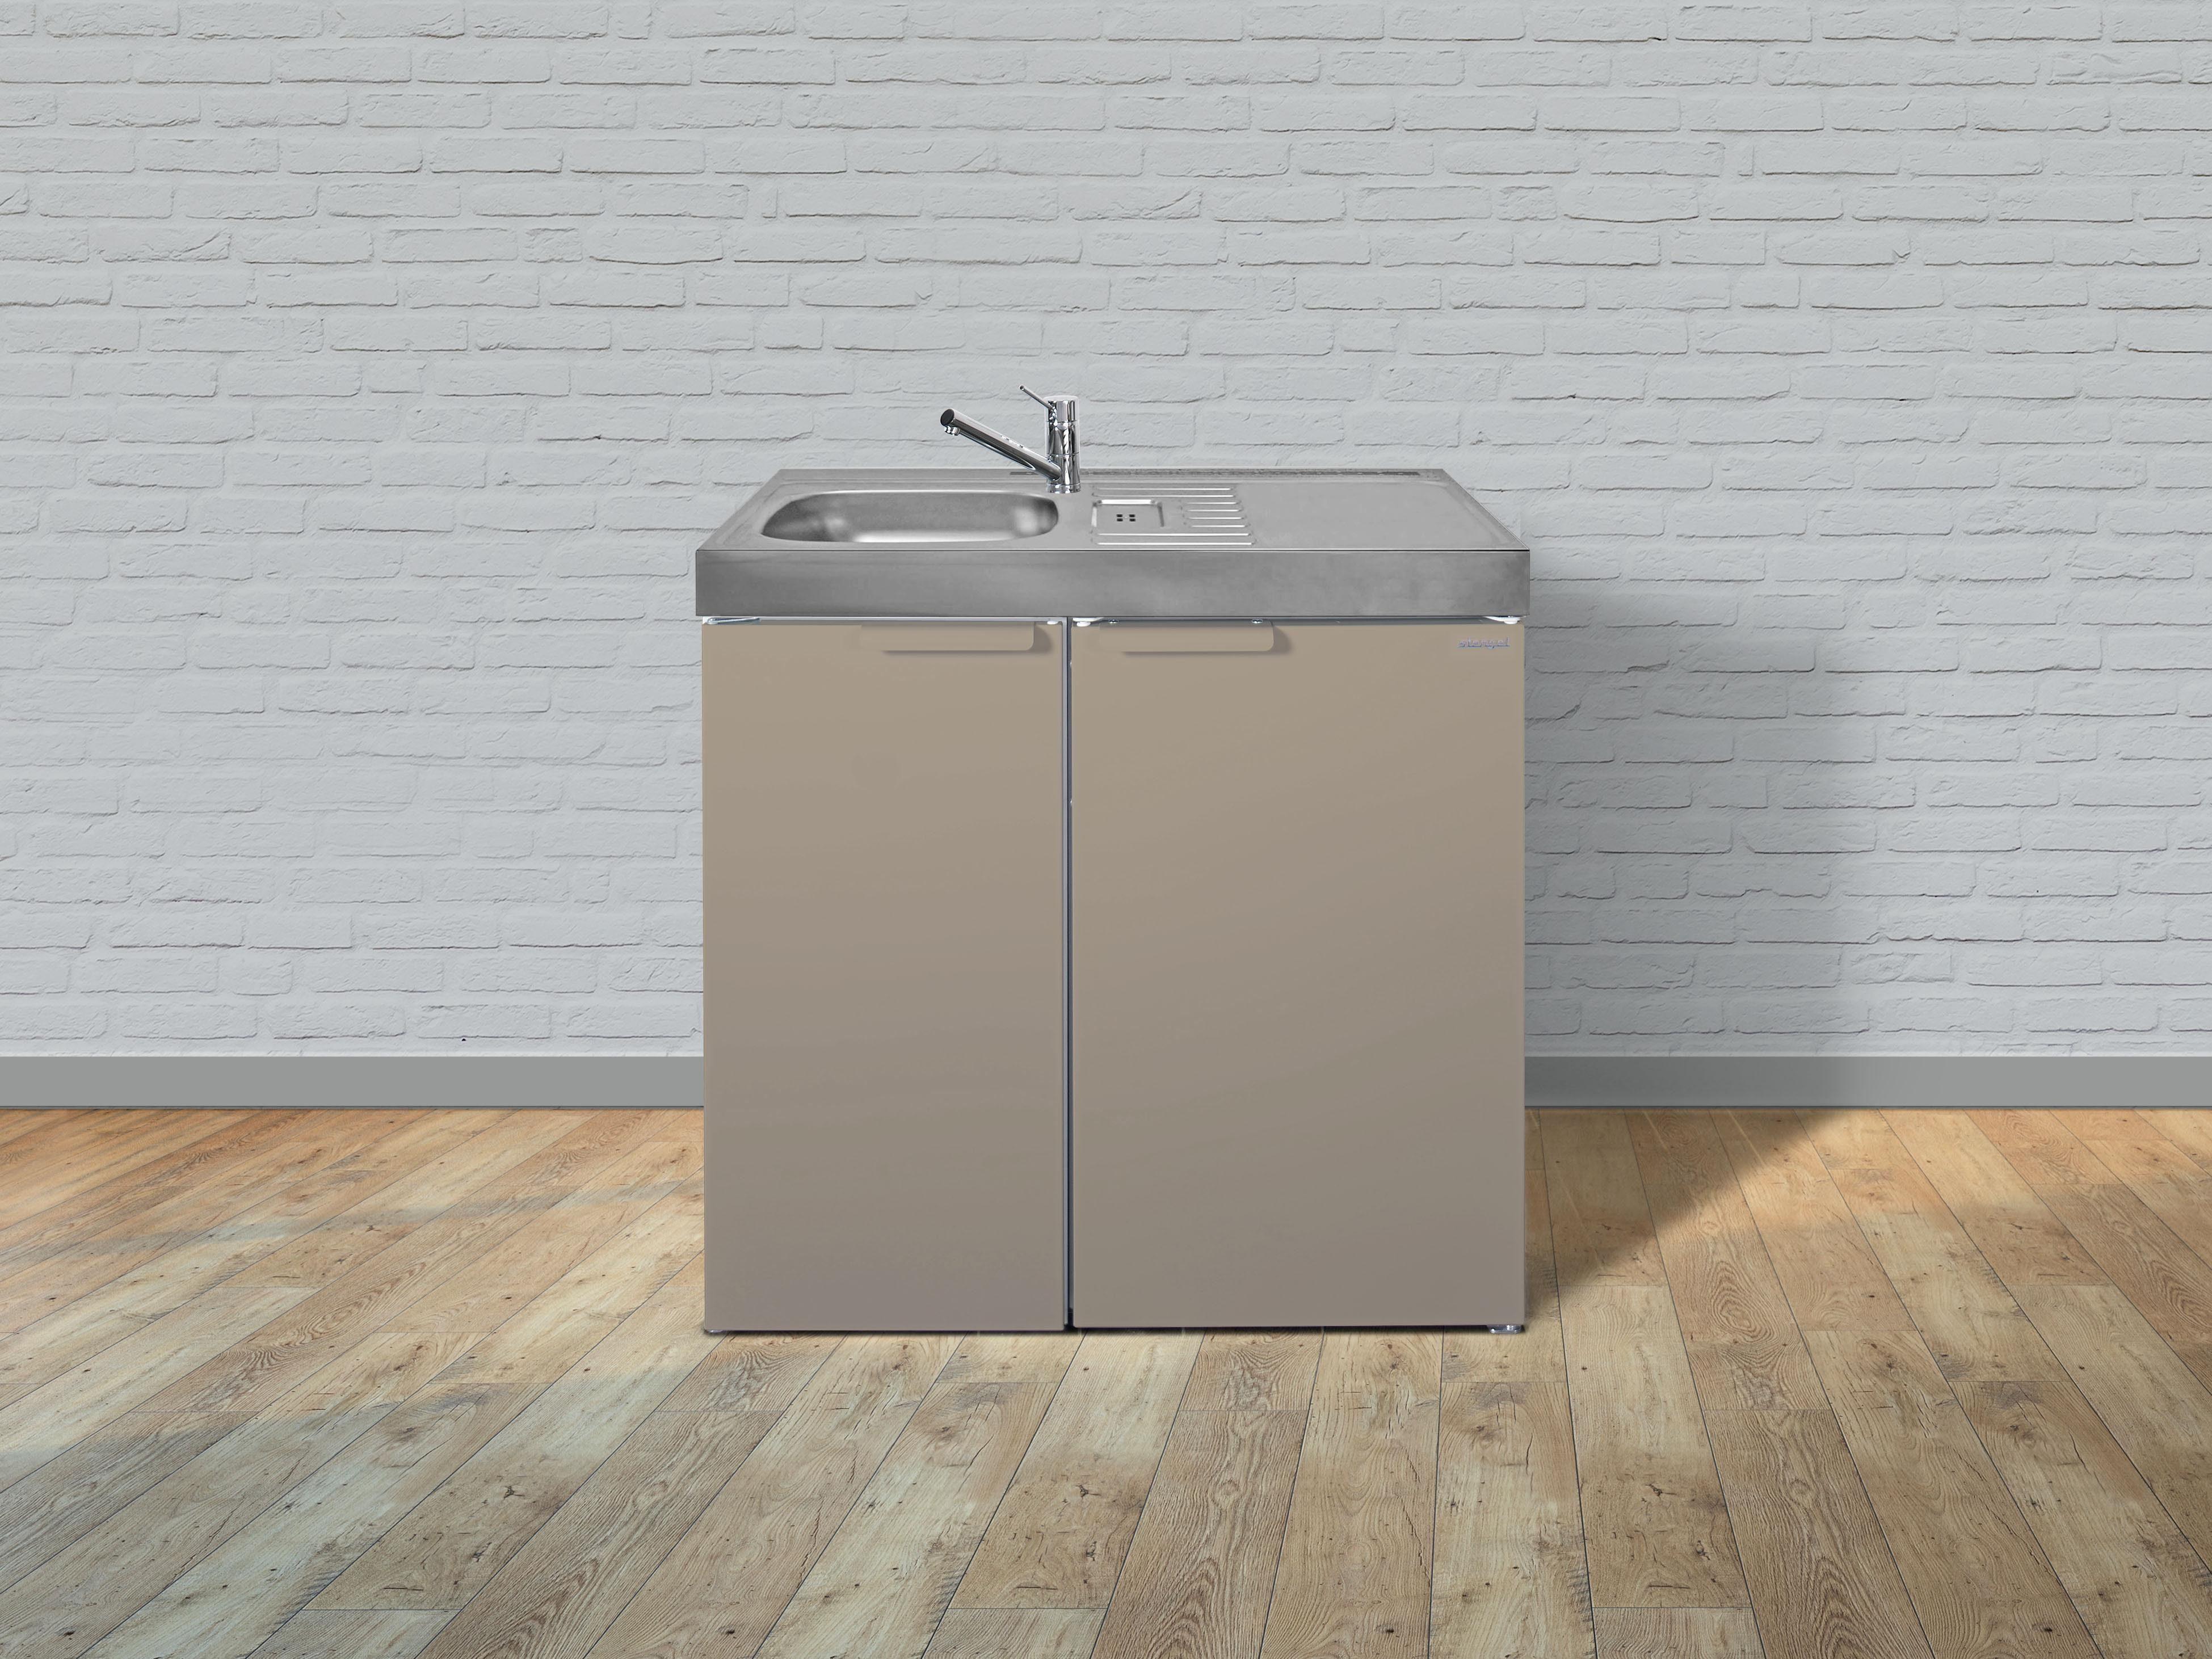 Miniküche Mit Kühlschrank Kaufen : Singleküche miniküchen online kaufen otto